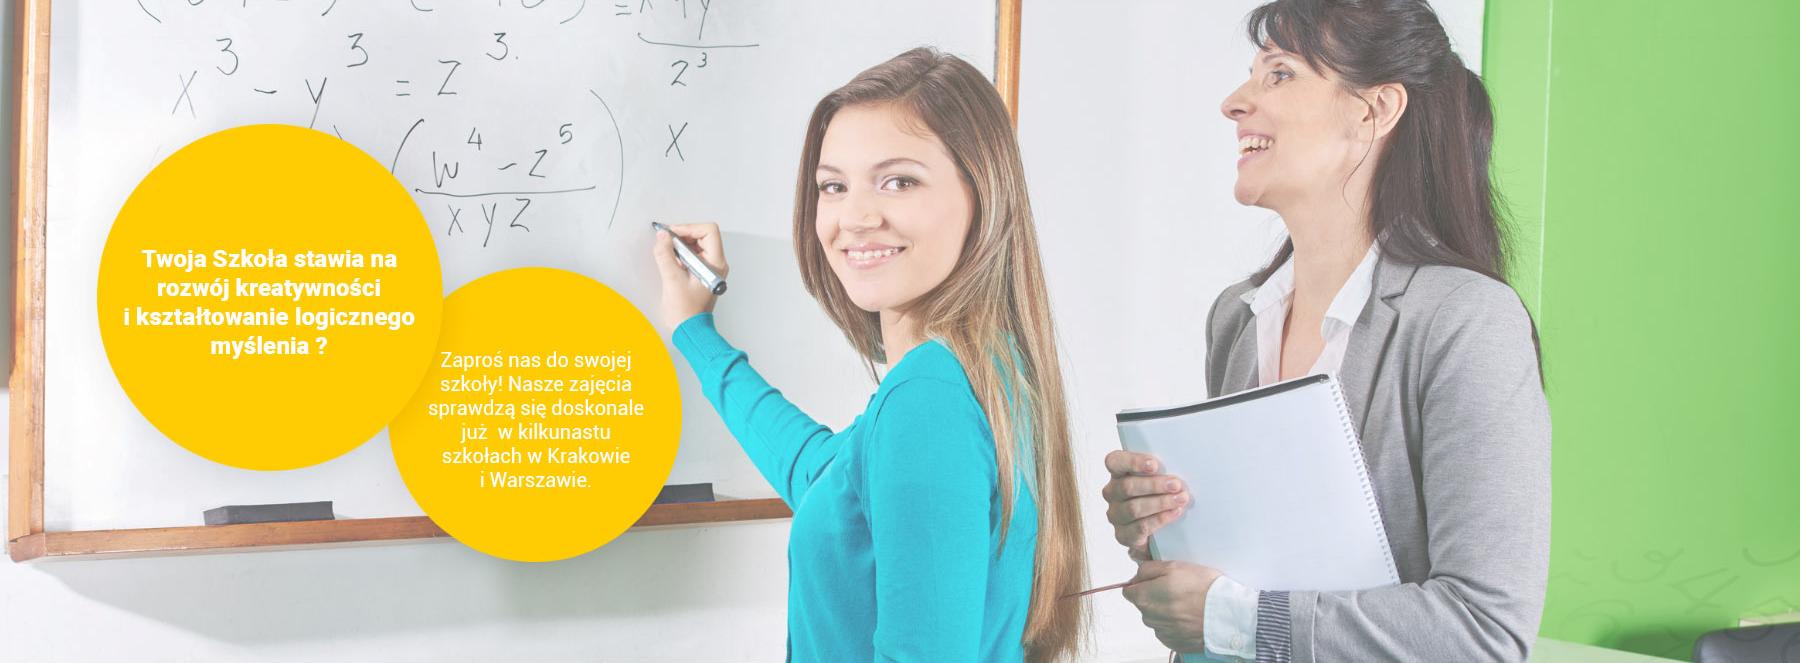 Twoja Szkoła stawia na rozwój kreatywności i kształtowania logicznego myślenia? Zaproś nas do swojej szkoły! Nasze zajęcia sprawdzą się doskonale już w kilkunastu szkołach w Krakowie i Warszawie.